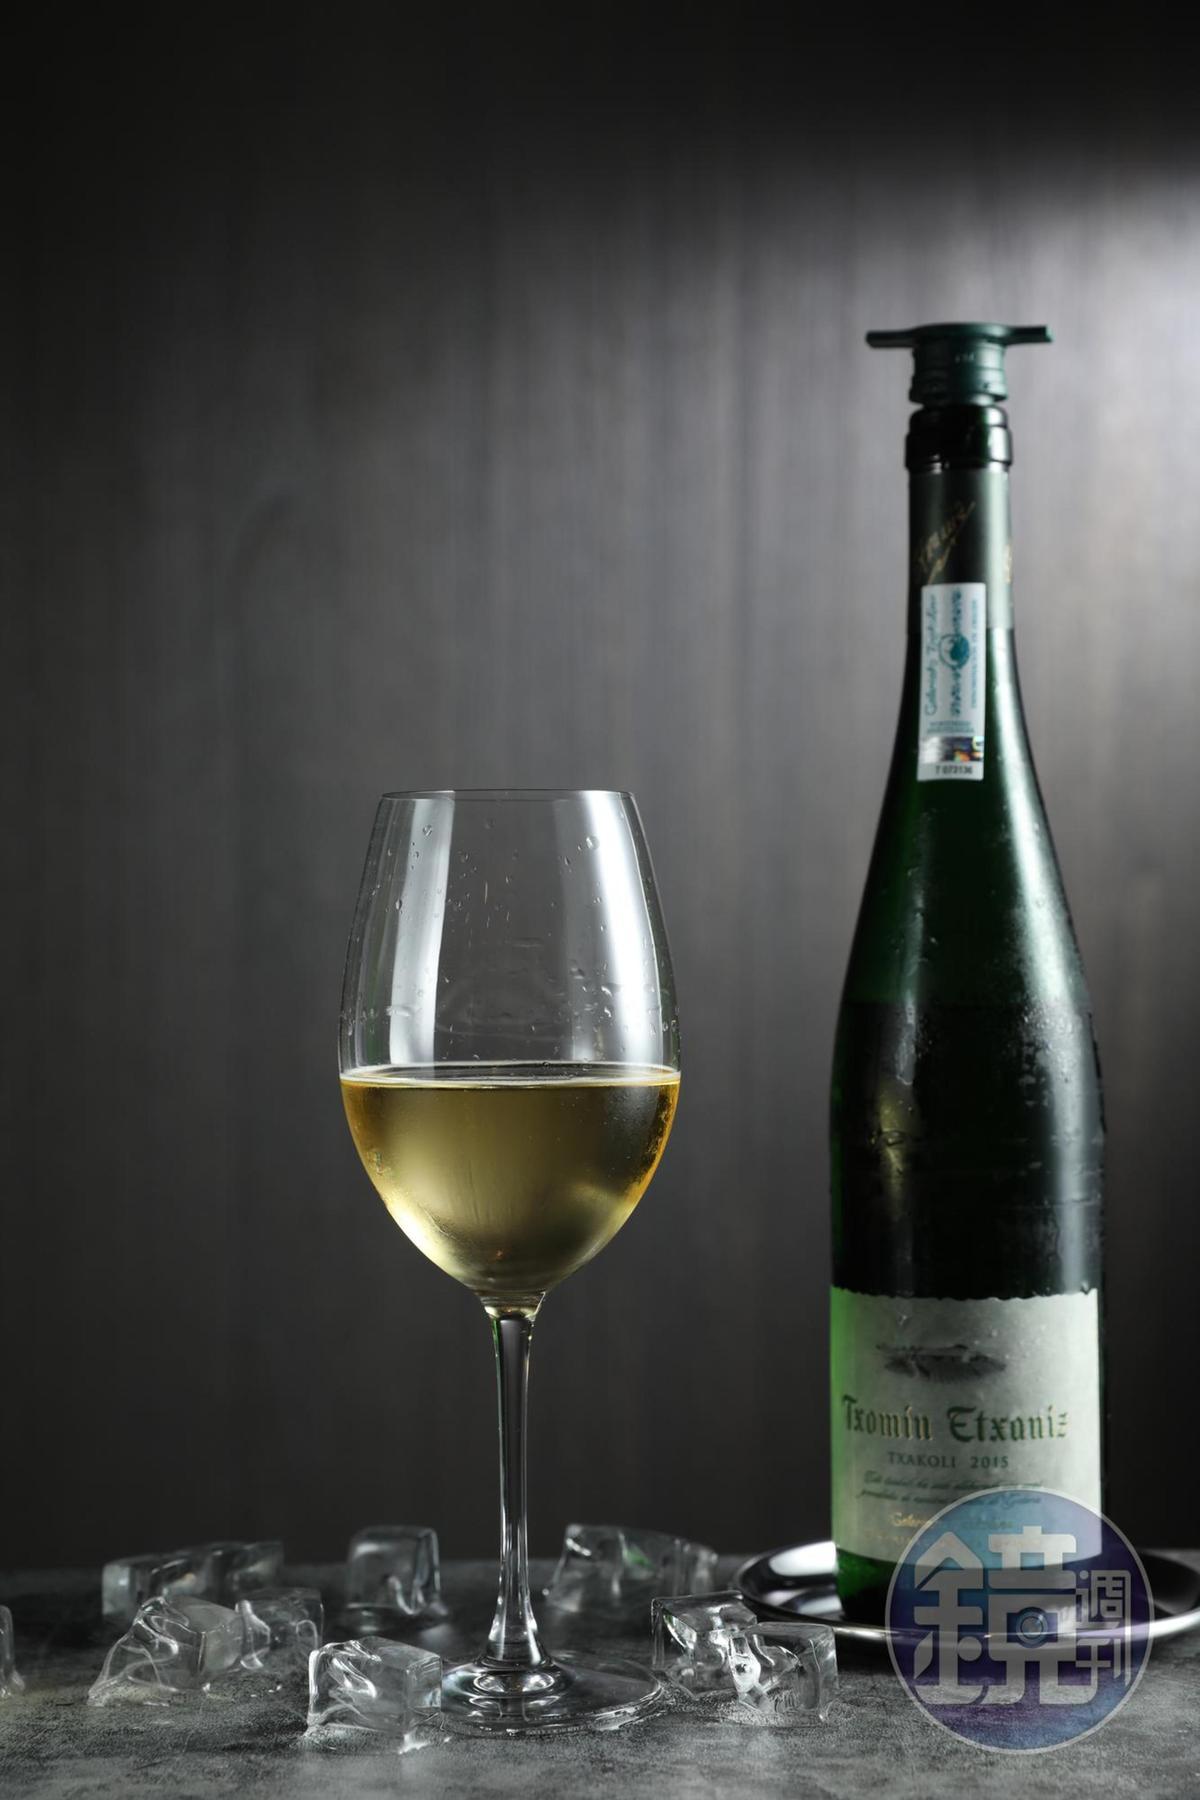 西班牙「奏鳴酒莊查科莉」有活潑的檸檬酸,搭上味道比伊比利火腿更輕盈的拜恩生火腿,氣味相投。(1,200元/瓶)